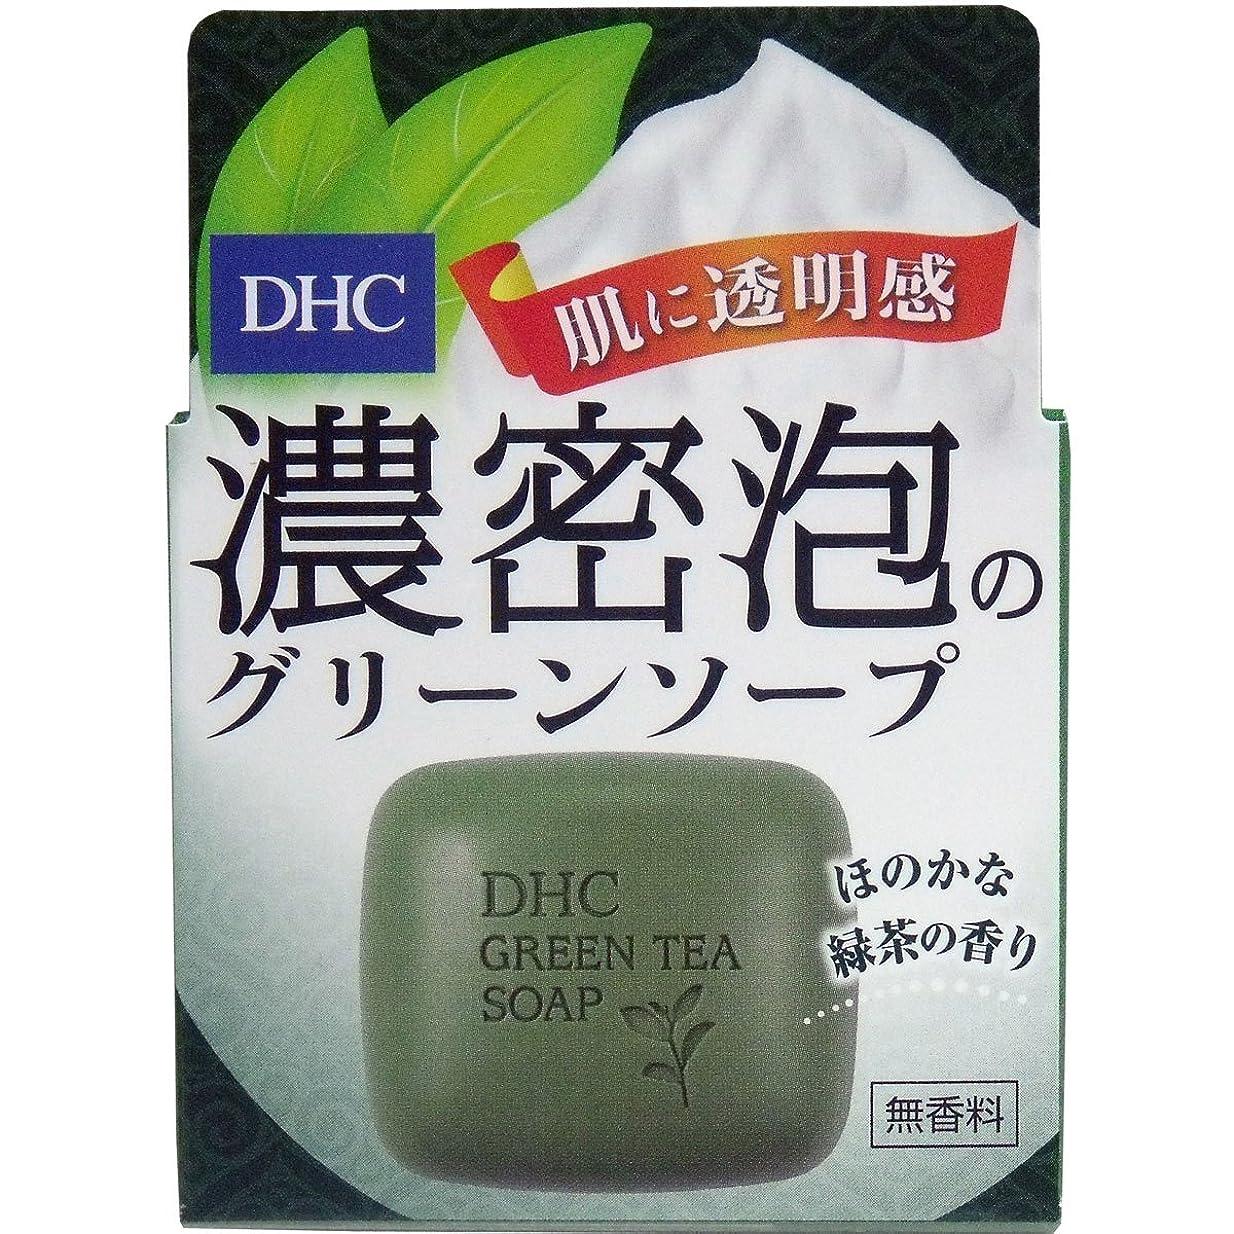 とティーム喜びにやにや豊かな泡立ちと、クリアな洗い上がりが自慢!DHC グリーンソープ <石鹸> 60g